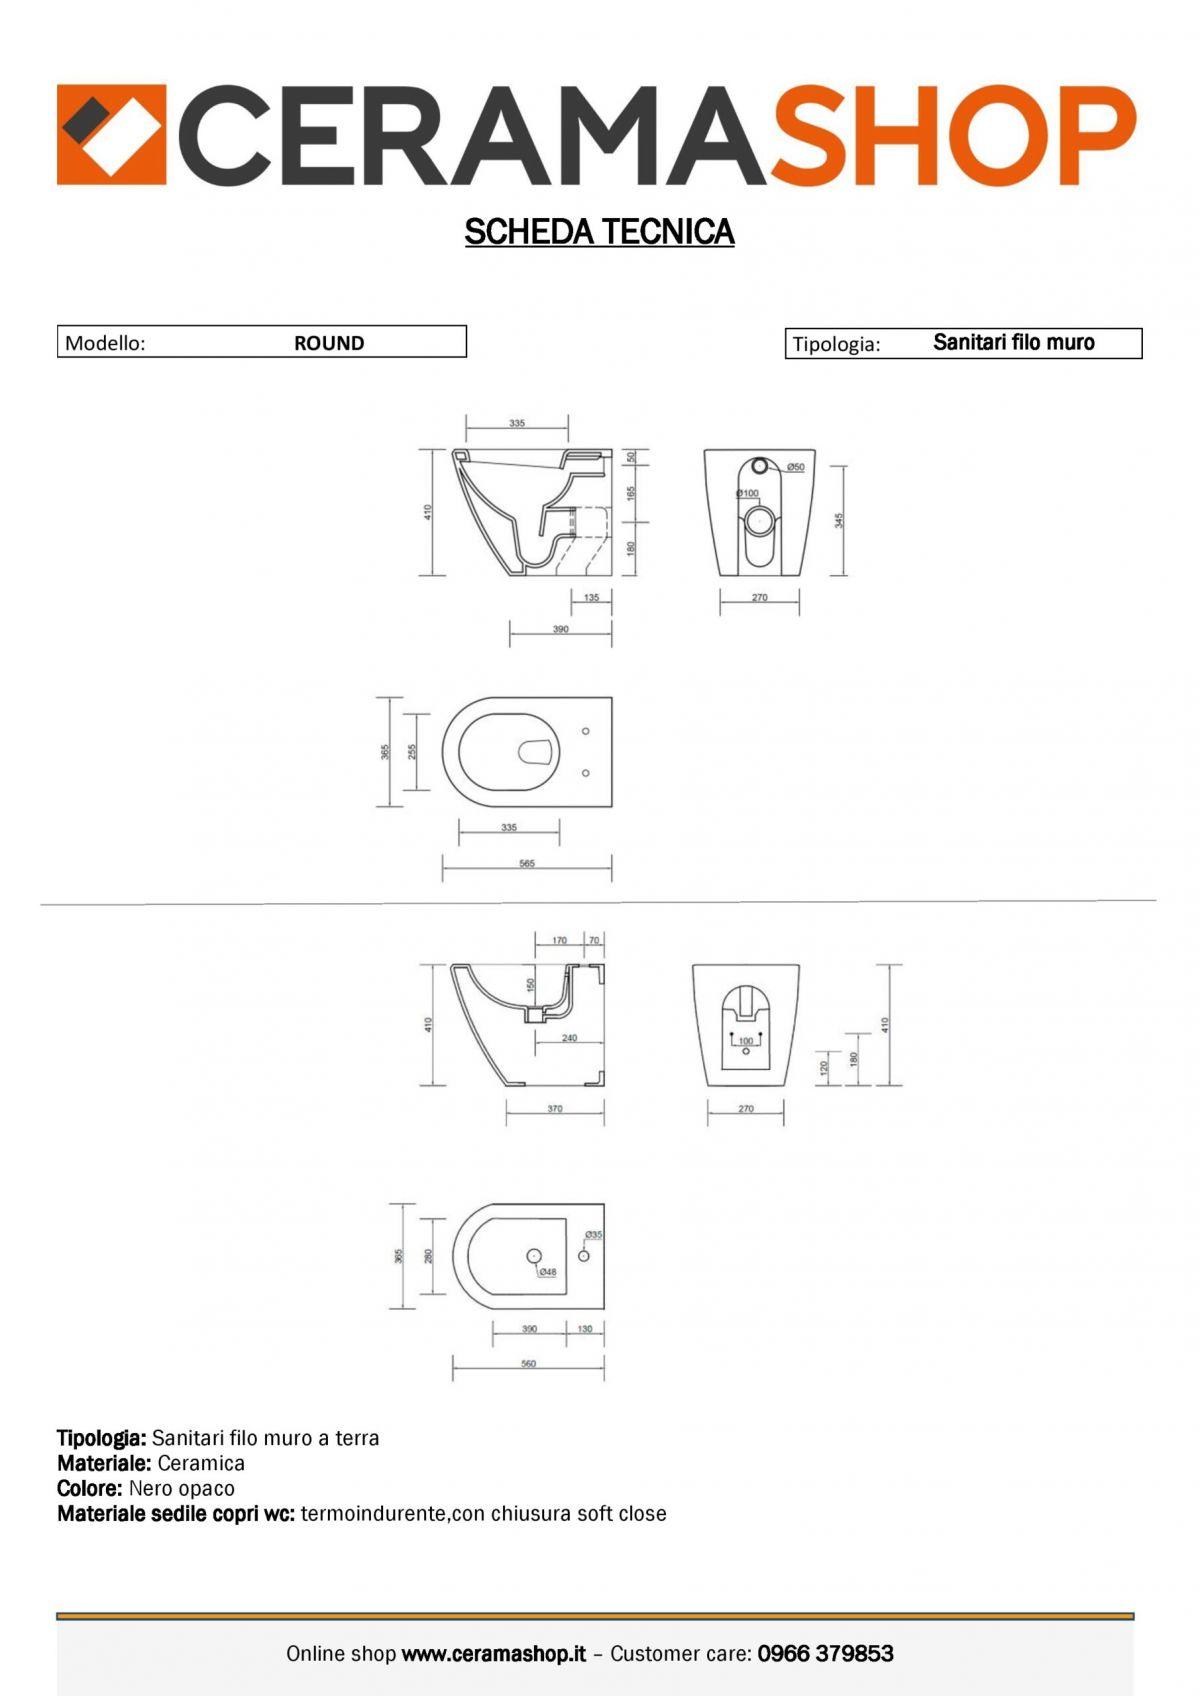 serie round a terra nero 0001 scaled Sanitari filo muro Round in ceramica col nero opaco Vaso+Bidet+Coprivaso Soft Close